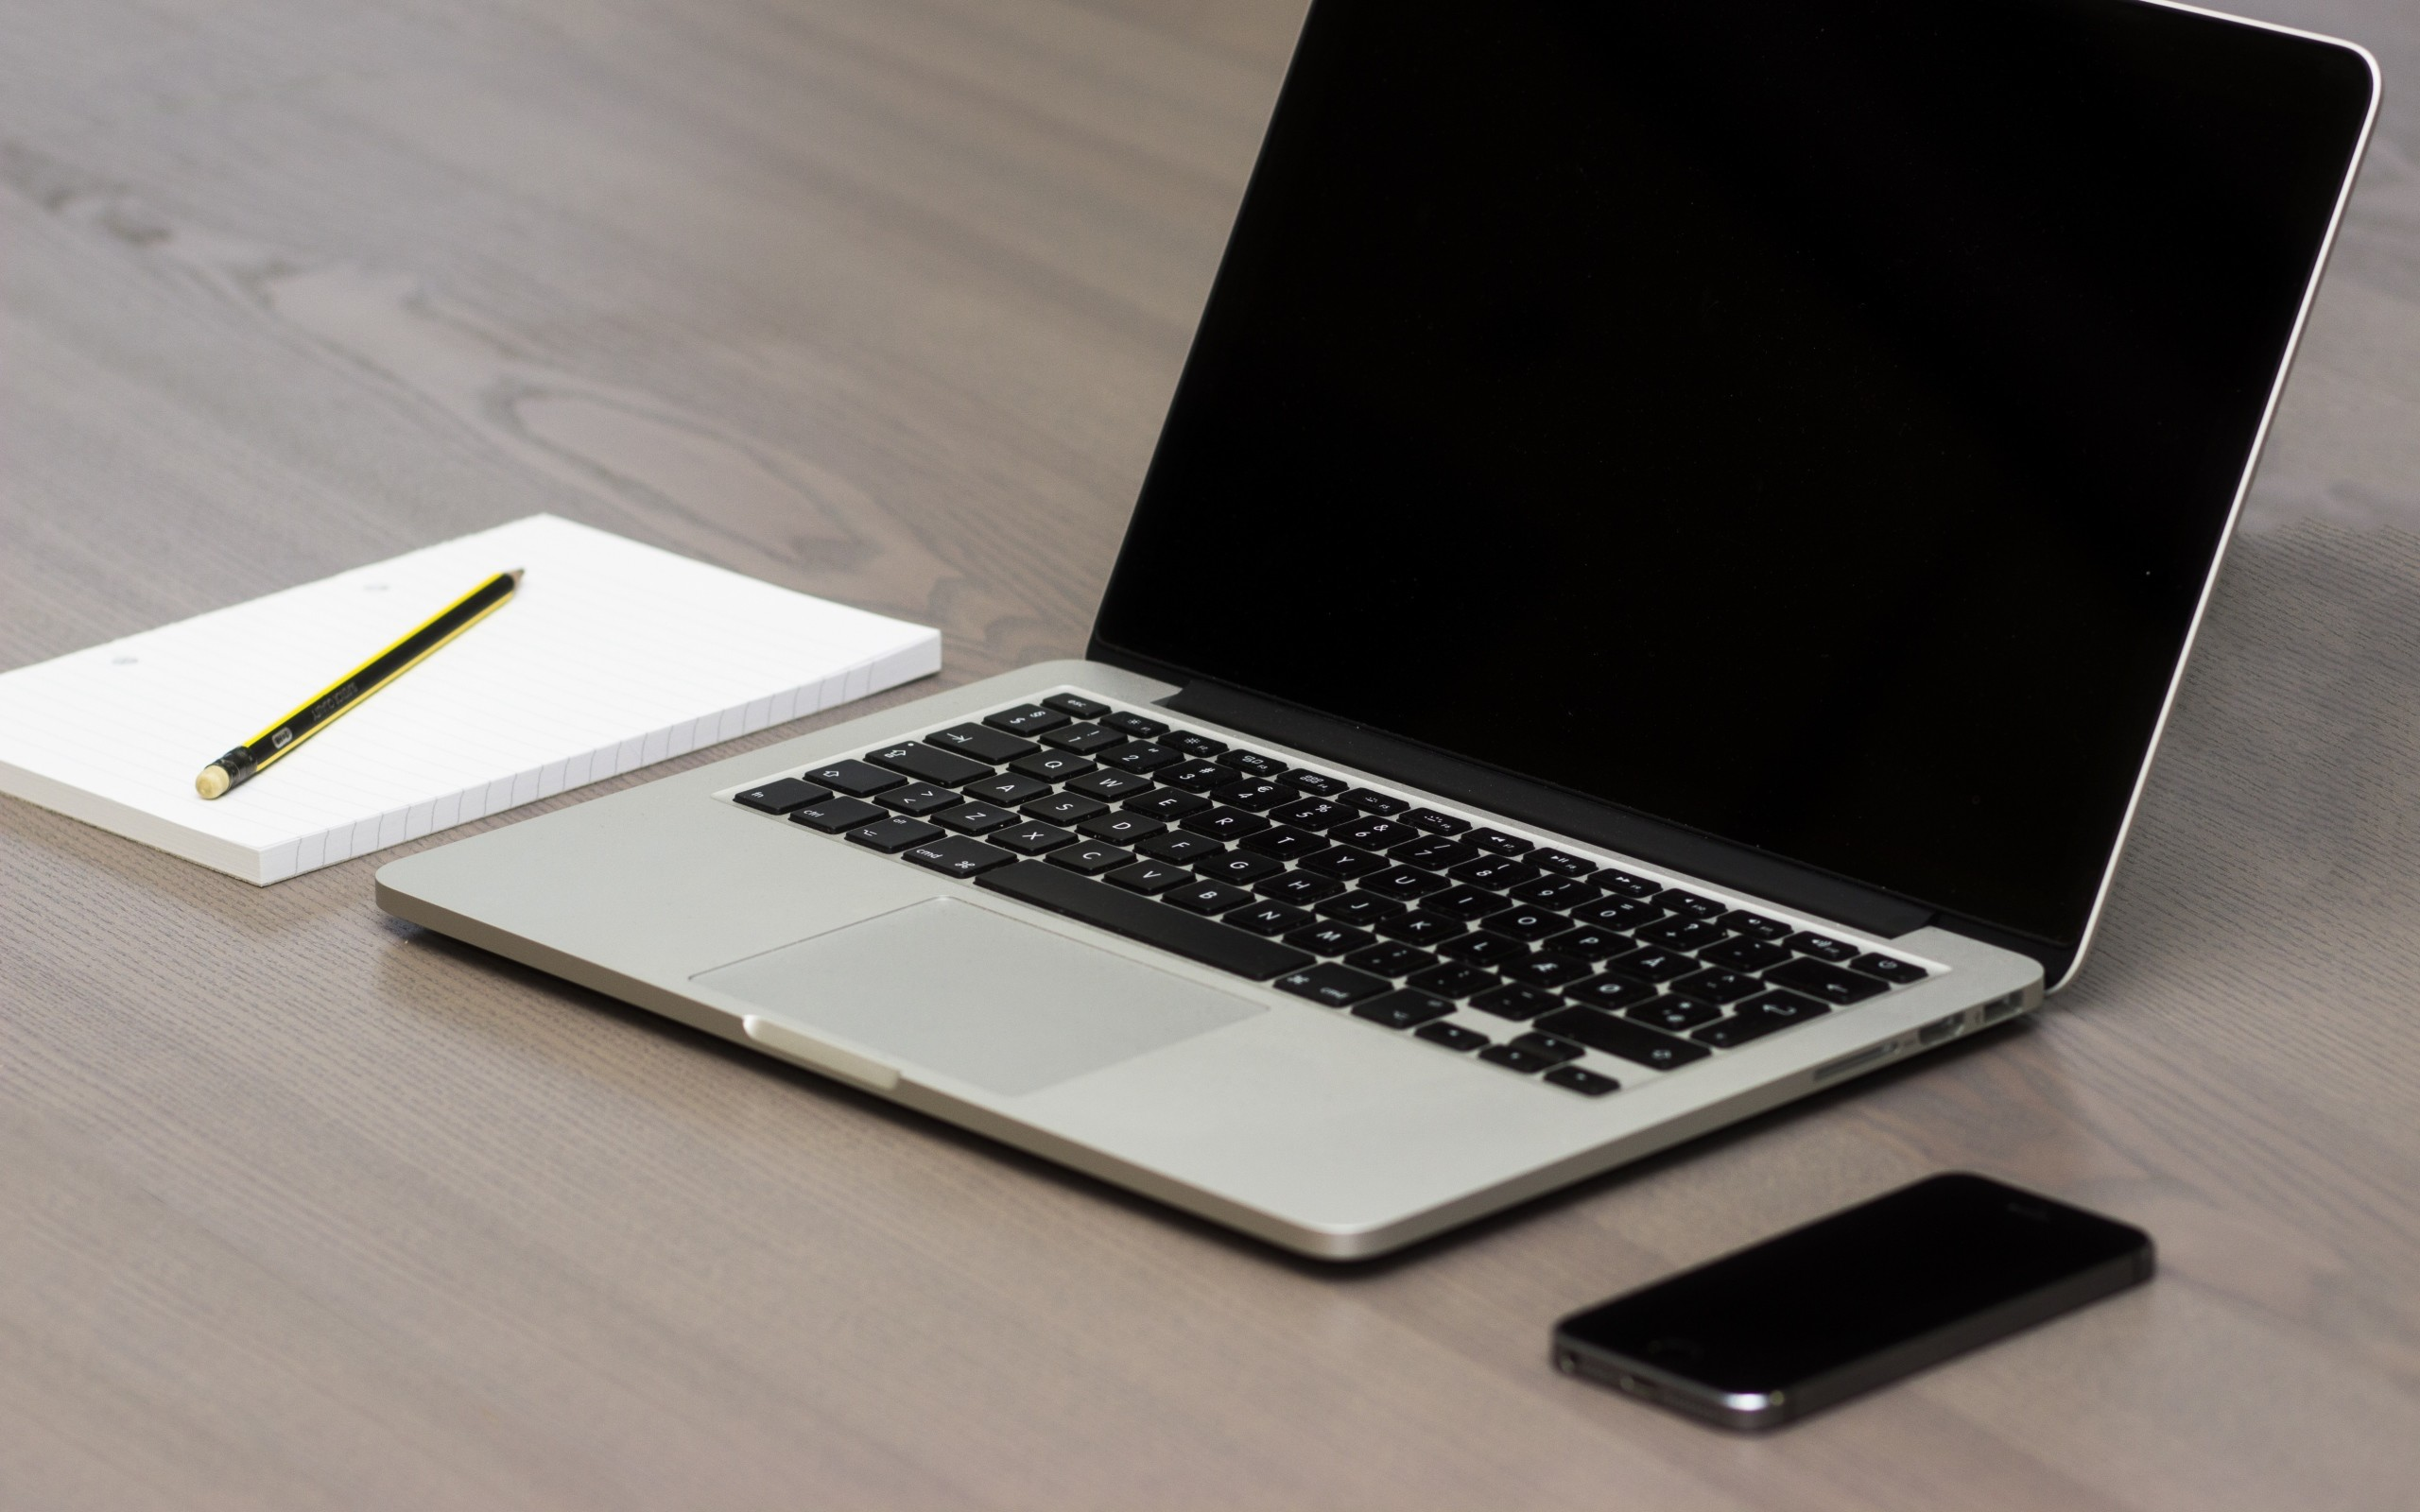 Wallpaper macbook pro, apple, iphone, laptop, smartphone, office,  notebook